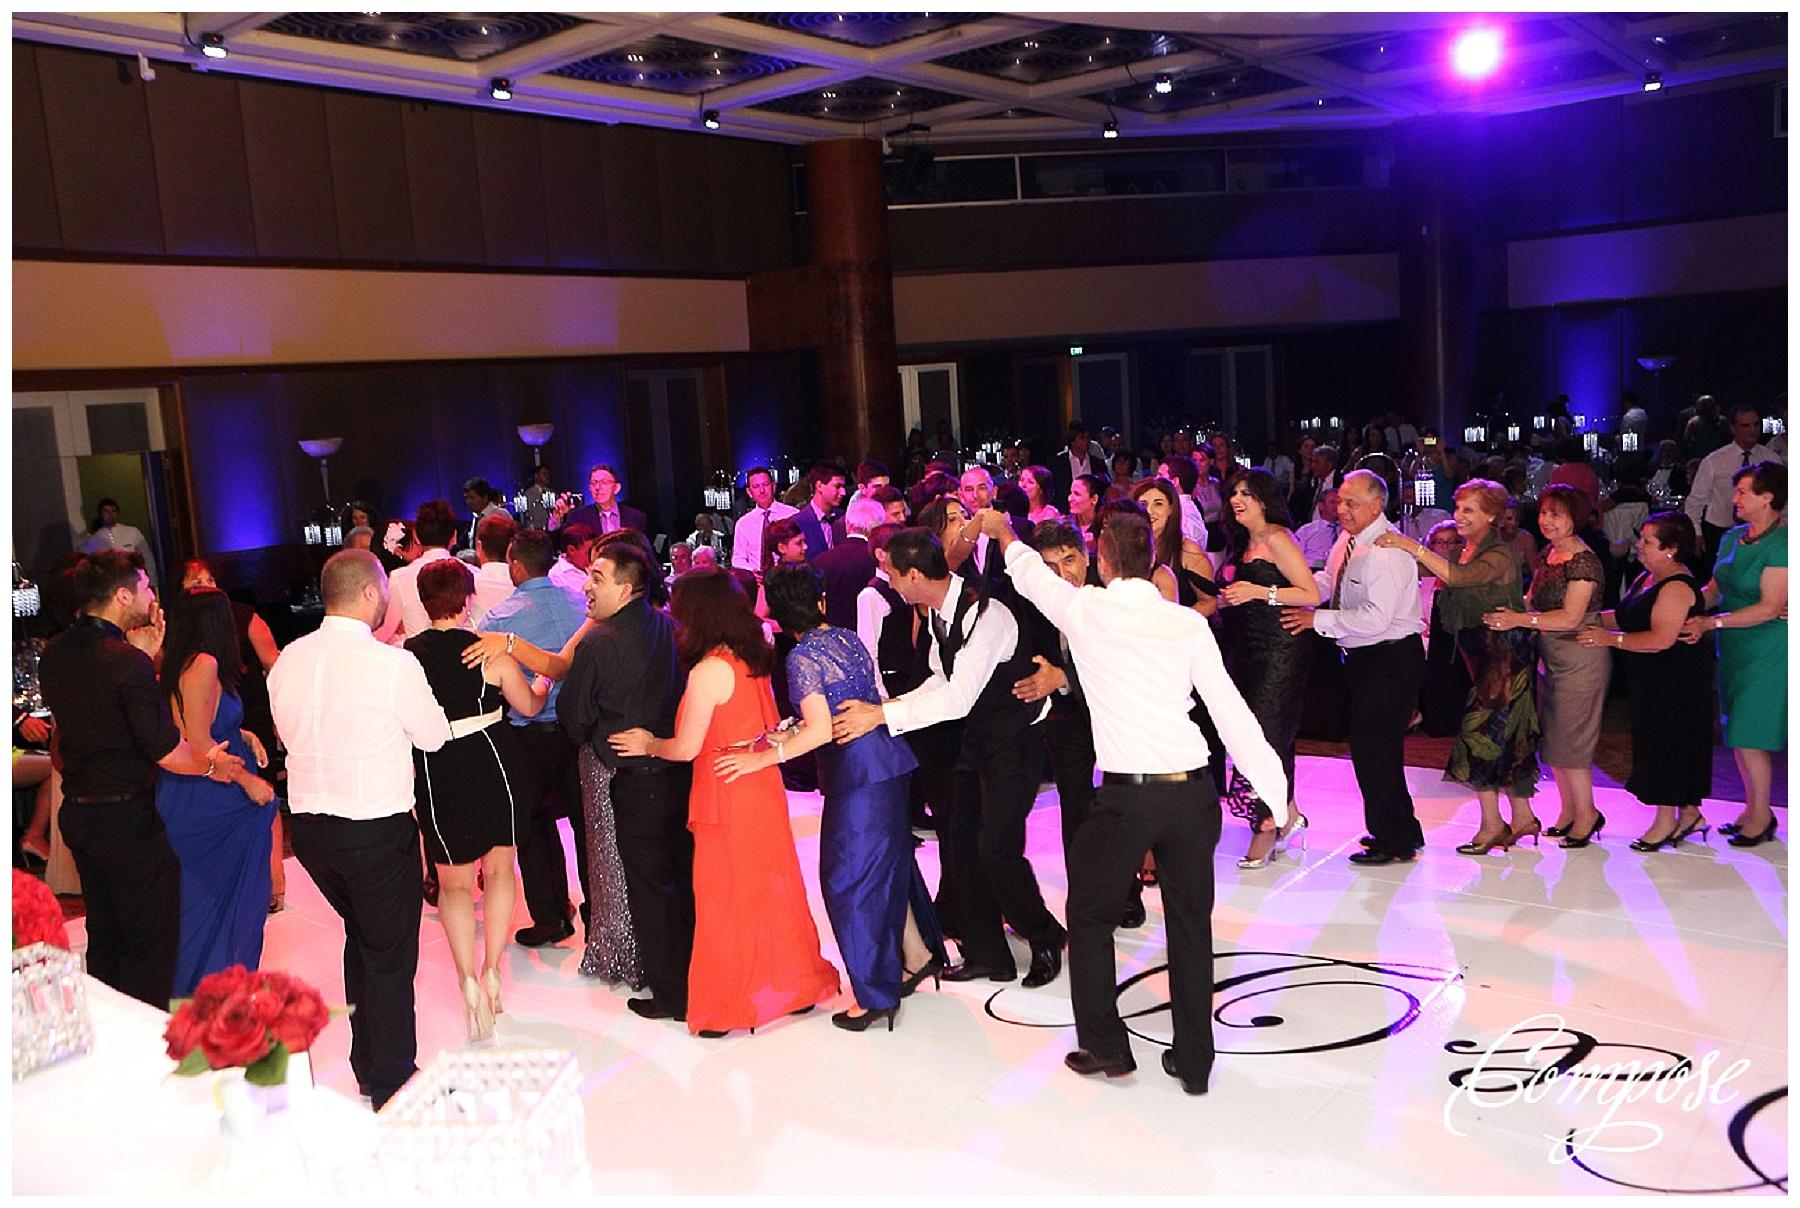 Hyatt ballroom wedding reception